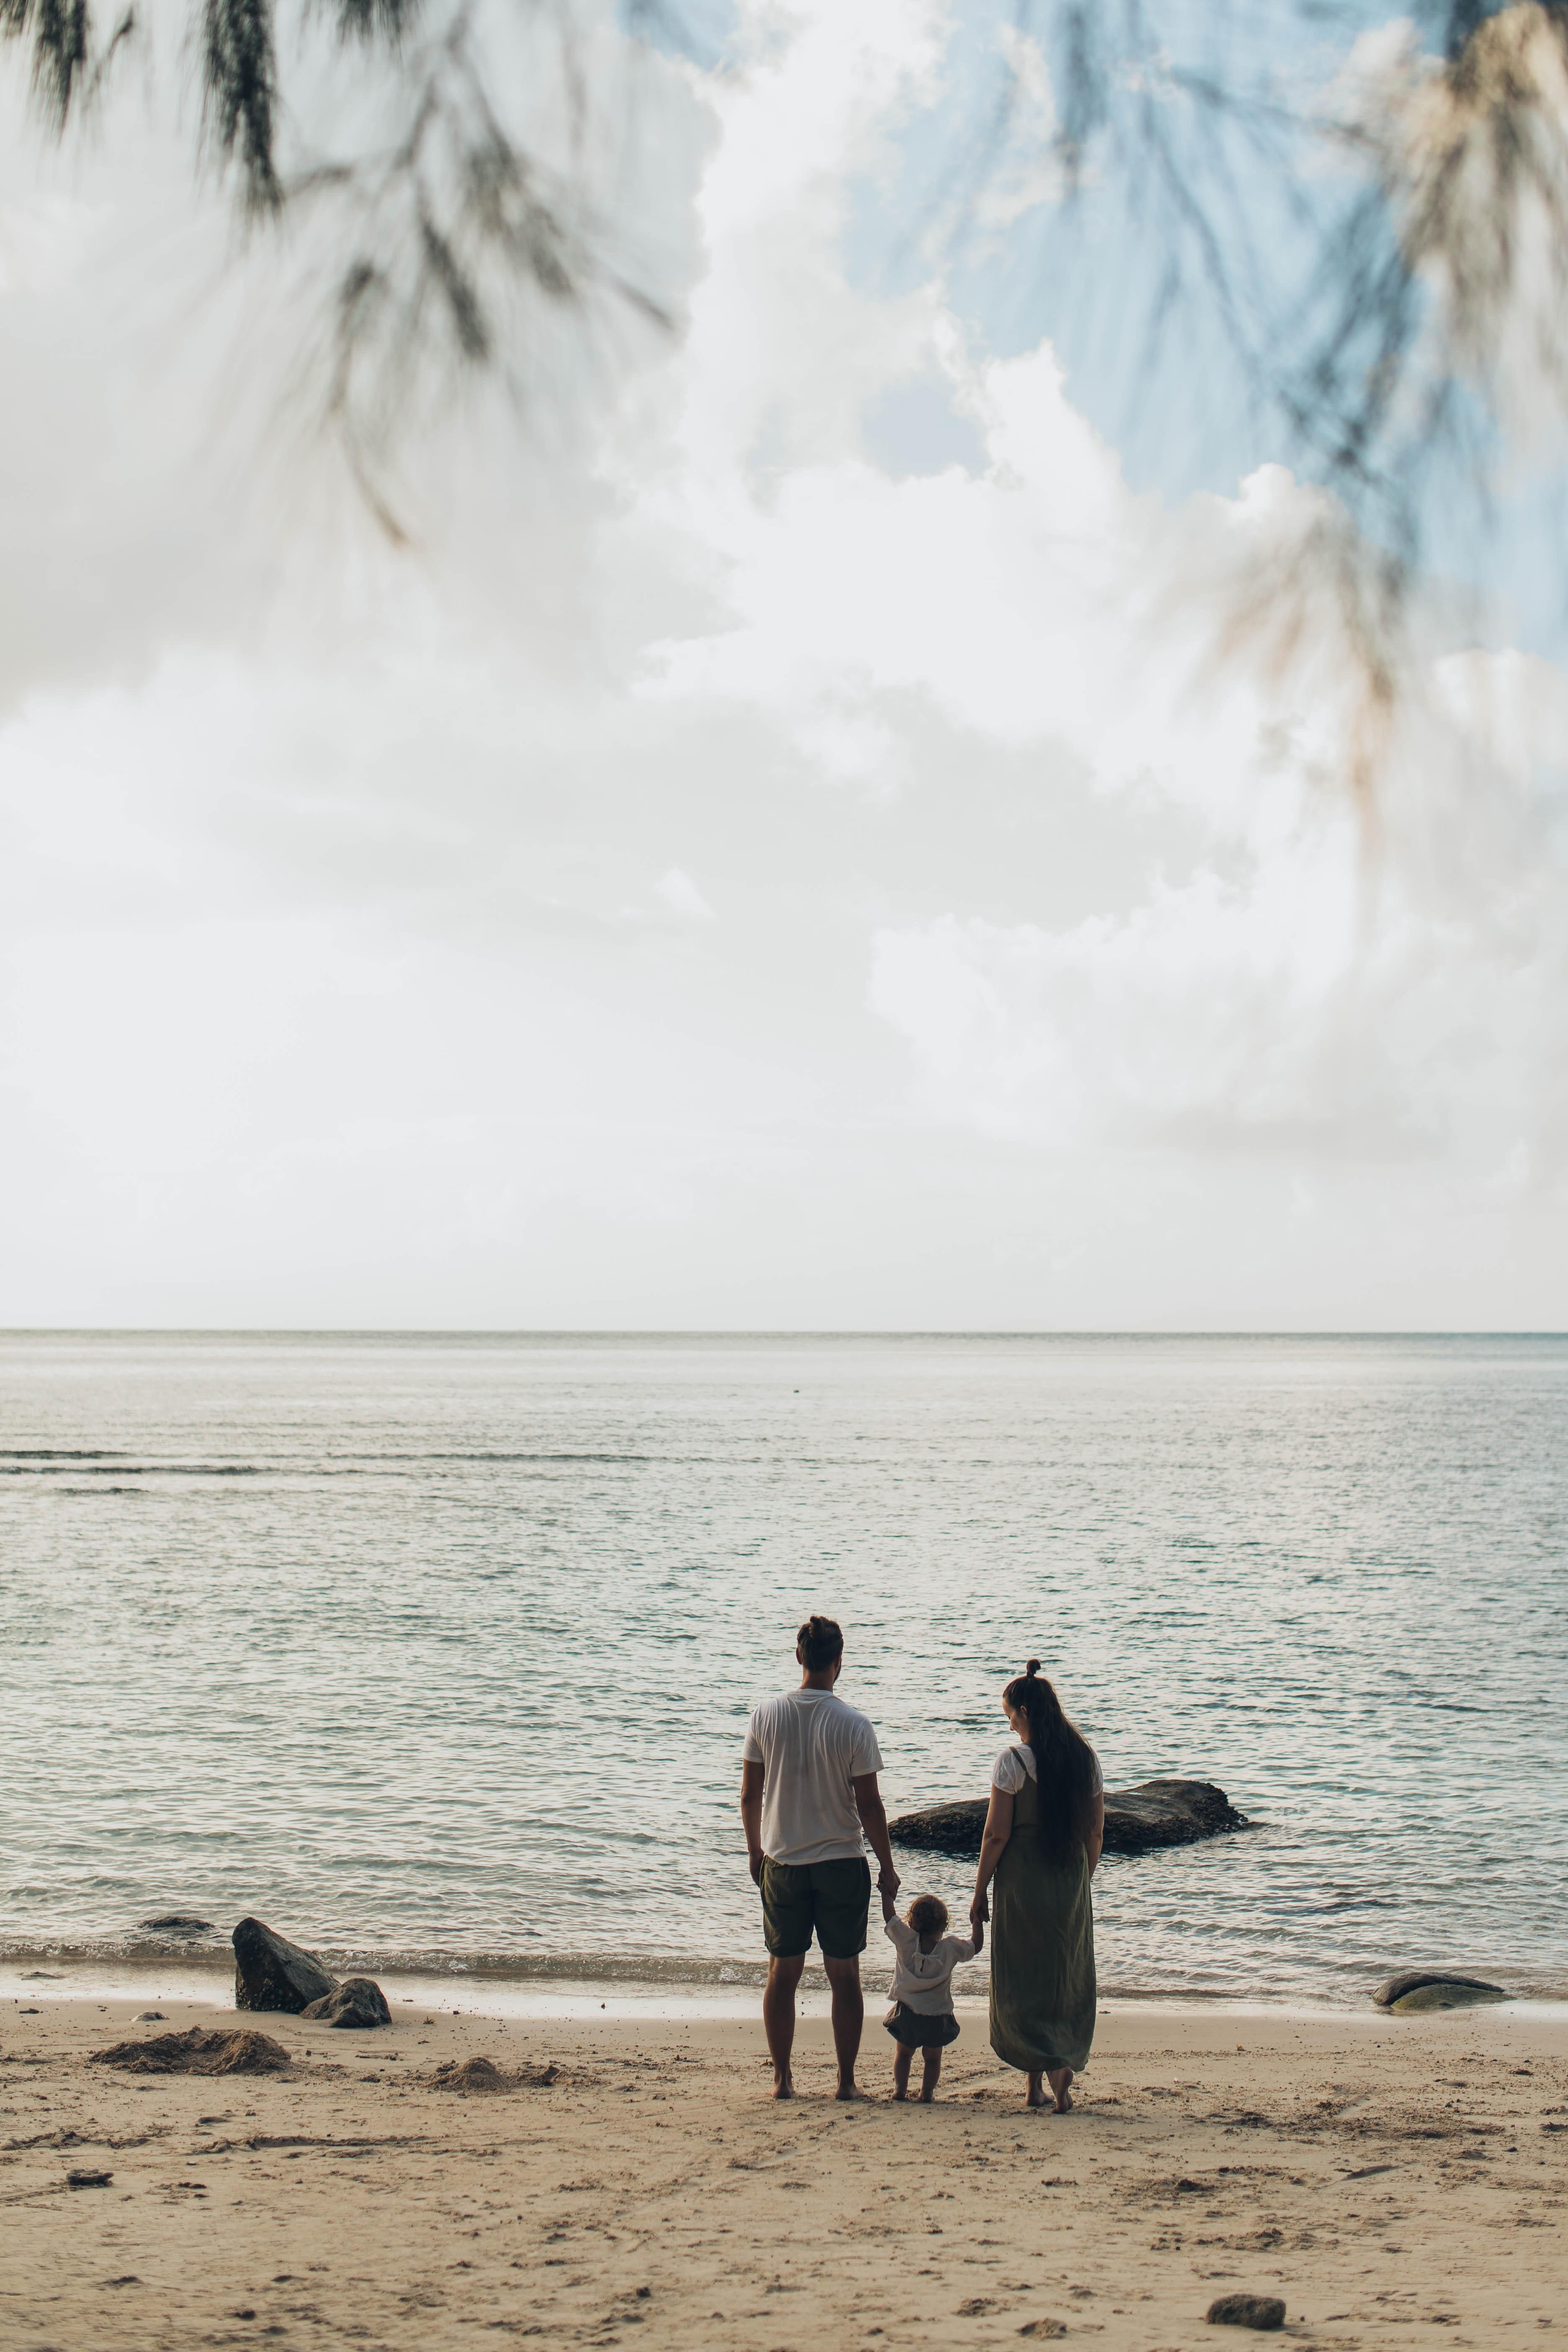 Família na praia (Foto: Elina Sazonova/Pexels)